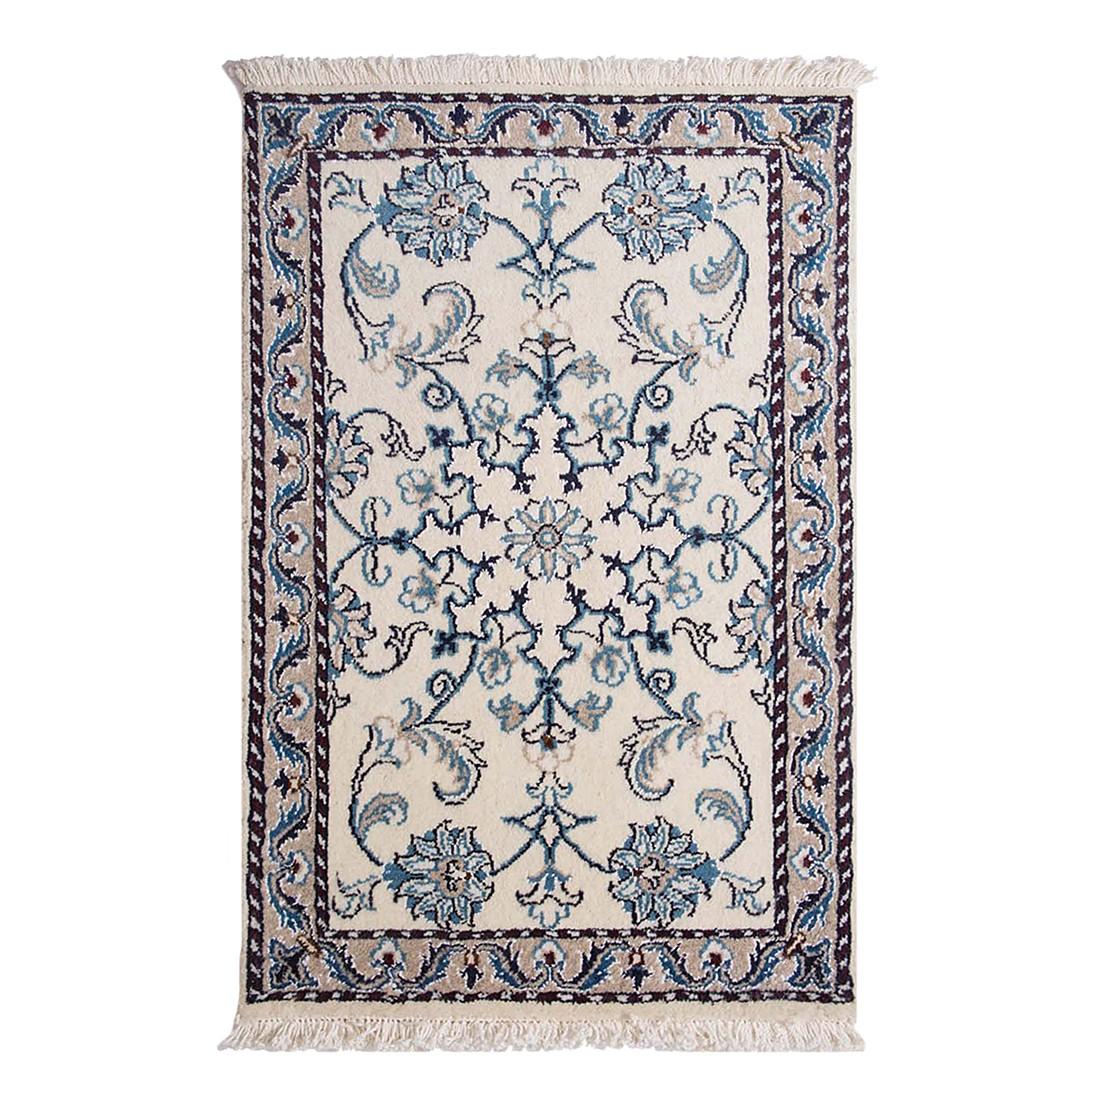 Teppich-Khorasan Nain Beige – Reine Schurwolle – 40cm x 60cm, Parwis günstig bestellen